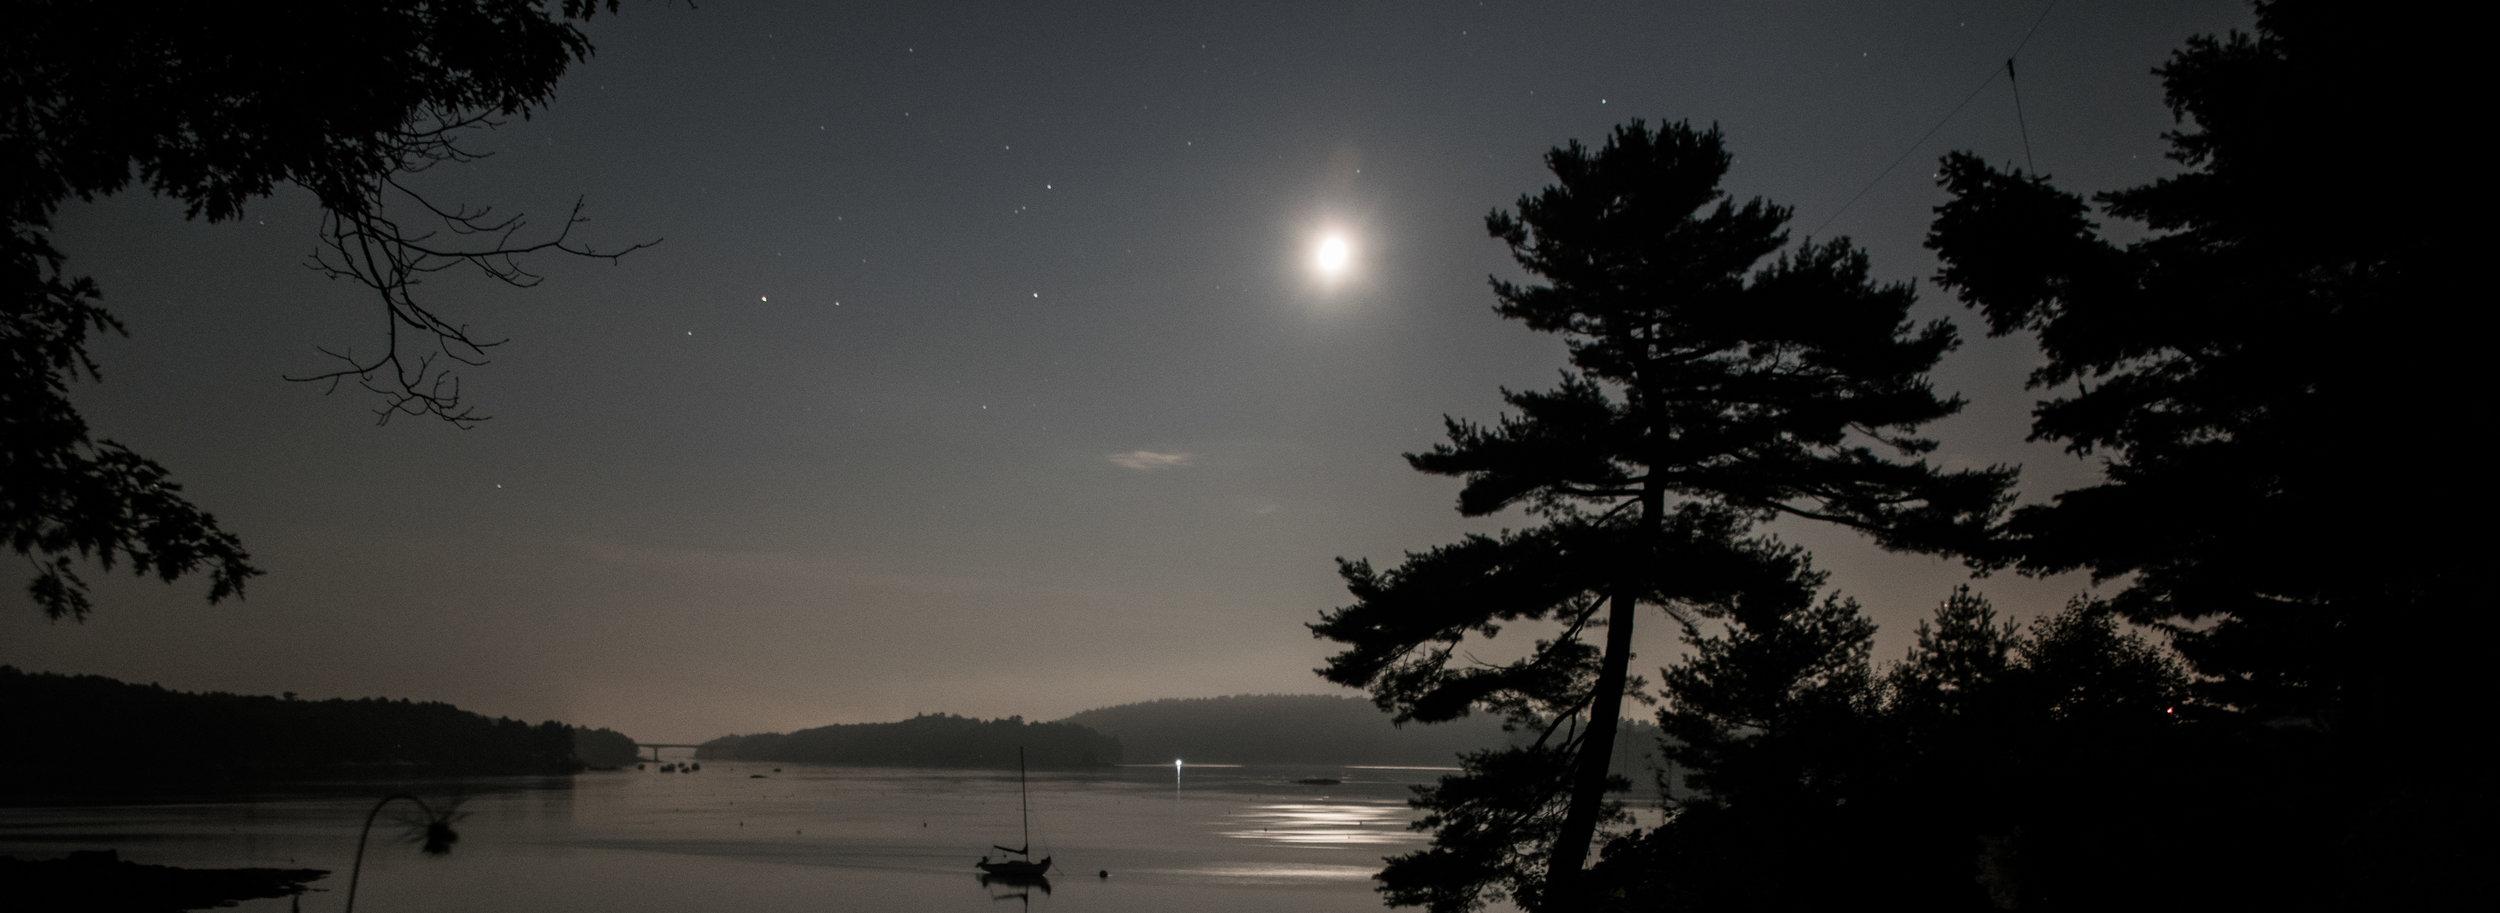 Maine_Night.jpg